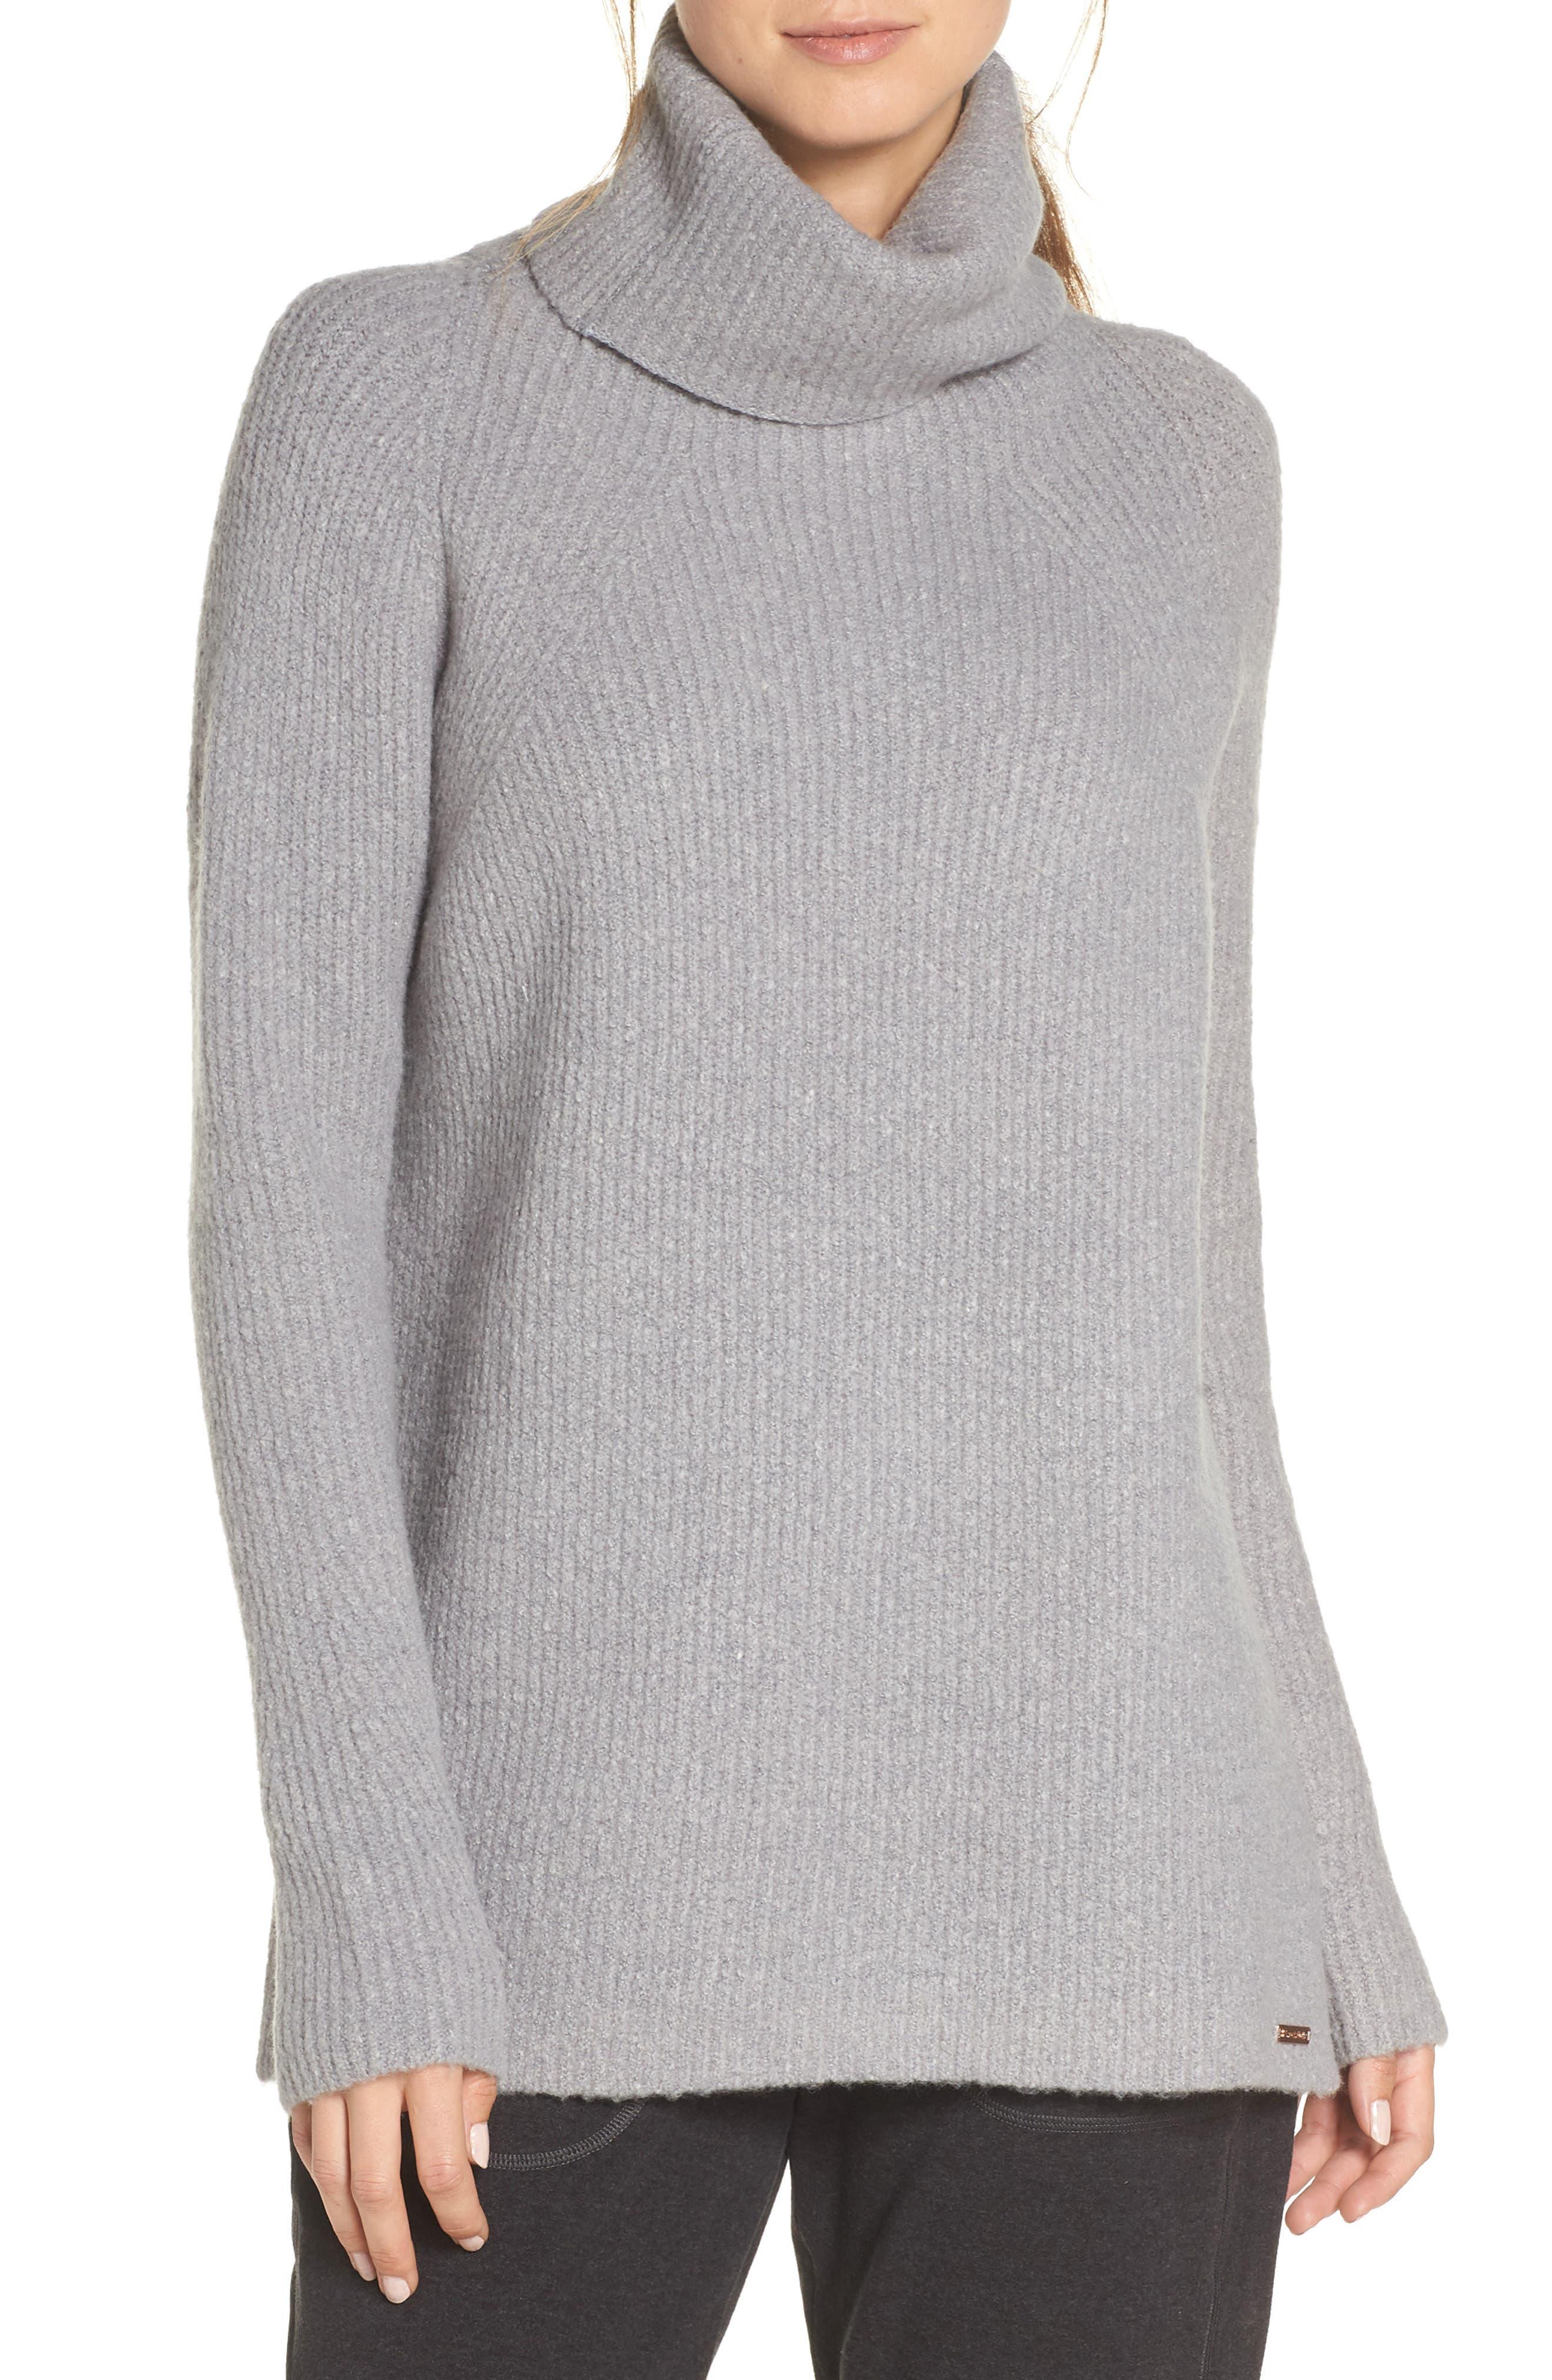 SWEATY BETTY Shakti Oversize Sweater, Main, color, 023